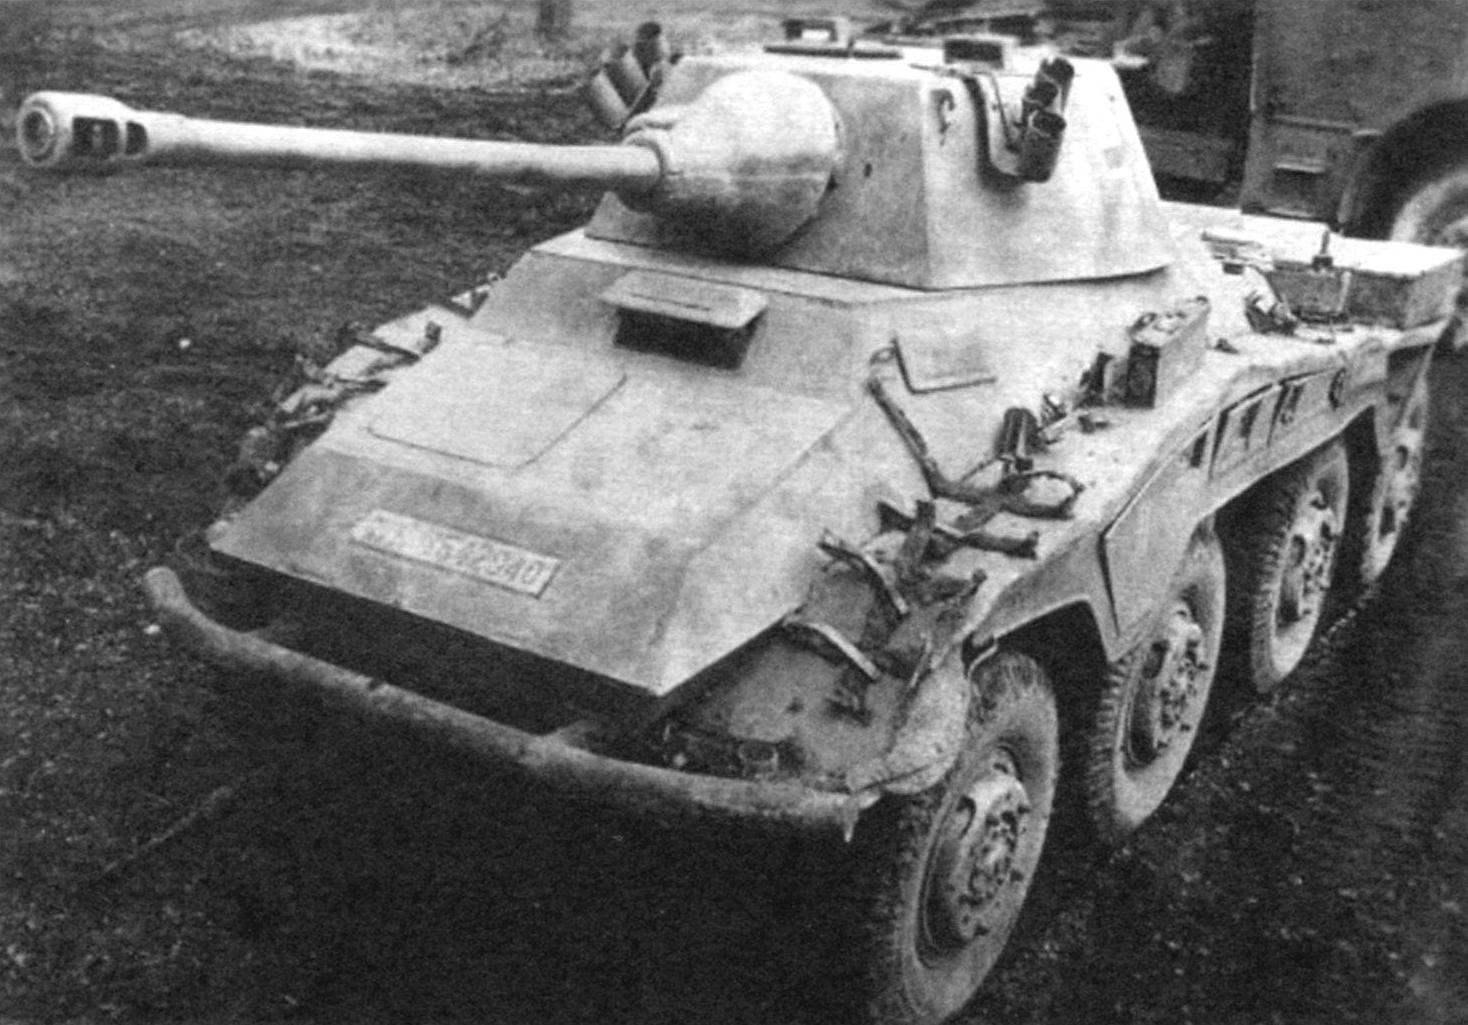 Бронеавтомобиль Sd.Kfz.234/2 считается лучшим тяжёлым броневиком Второй мировой войны